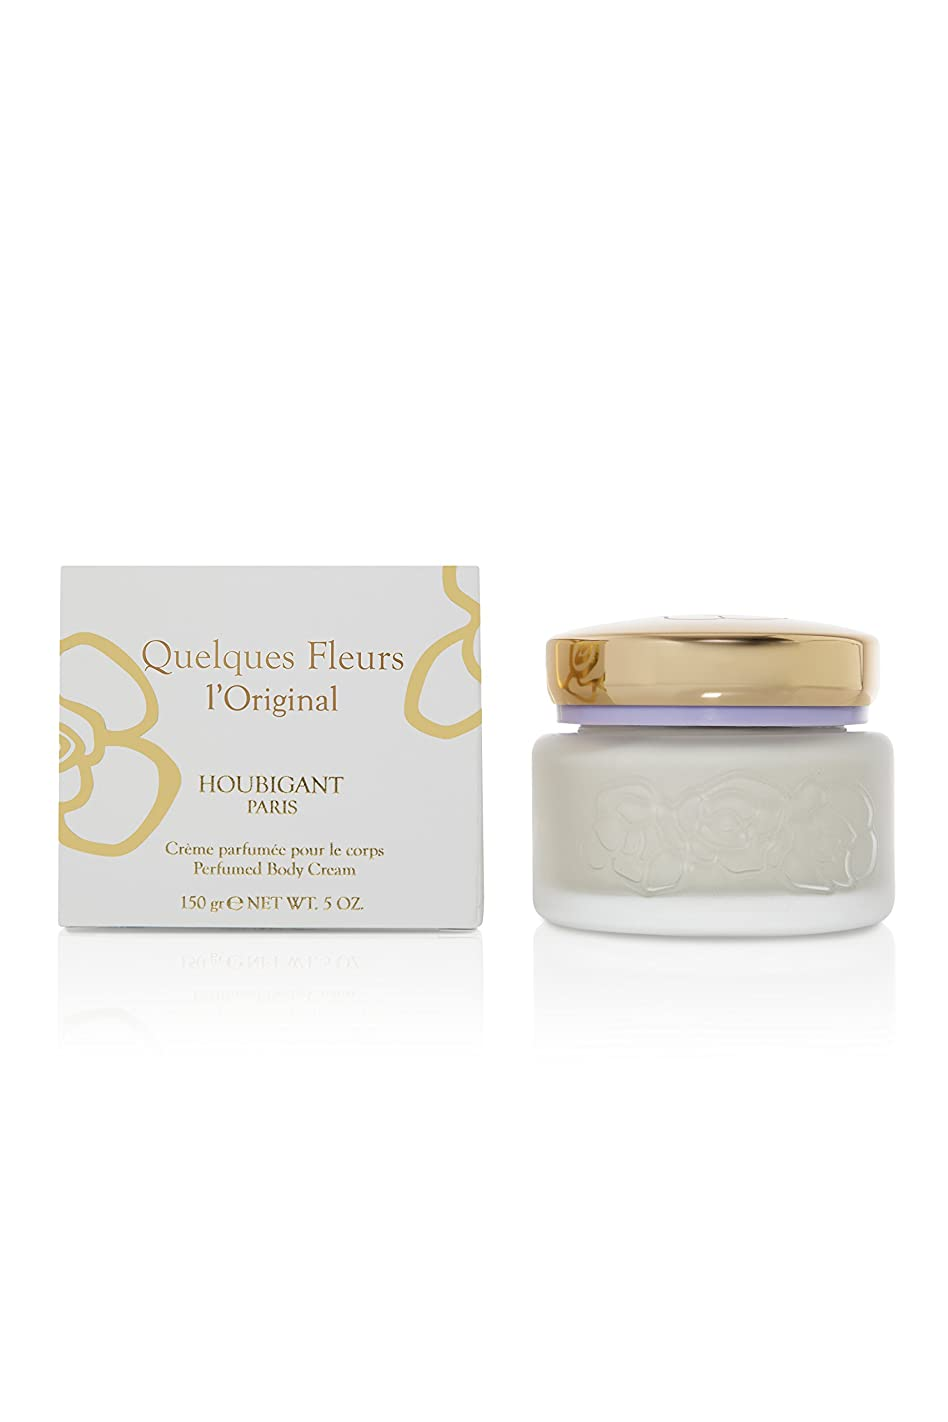 インフラ表現地震Quelques Fleurs (ケルケス フリュール) 5.0 oz (150ml) Body Cream by Houbigant for Women